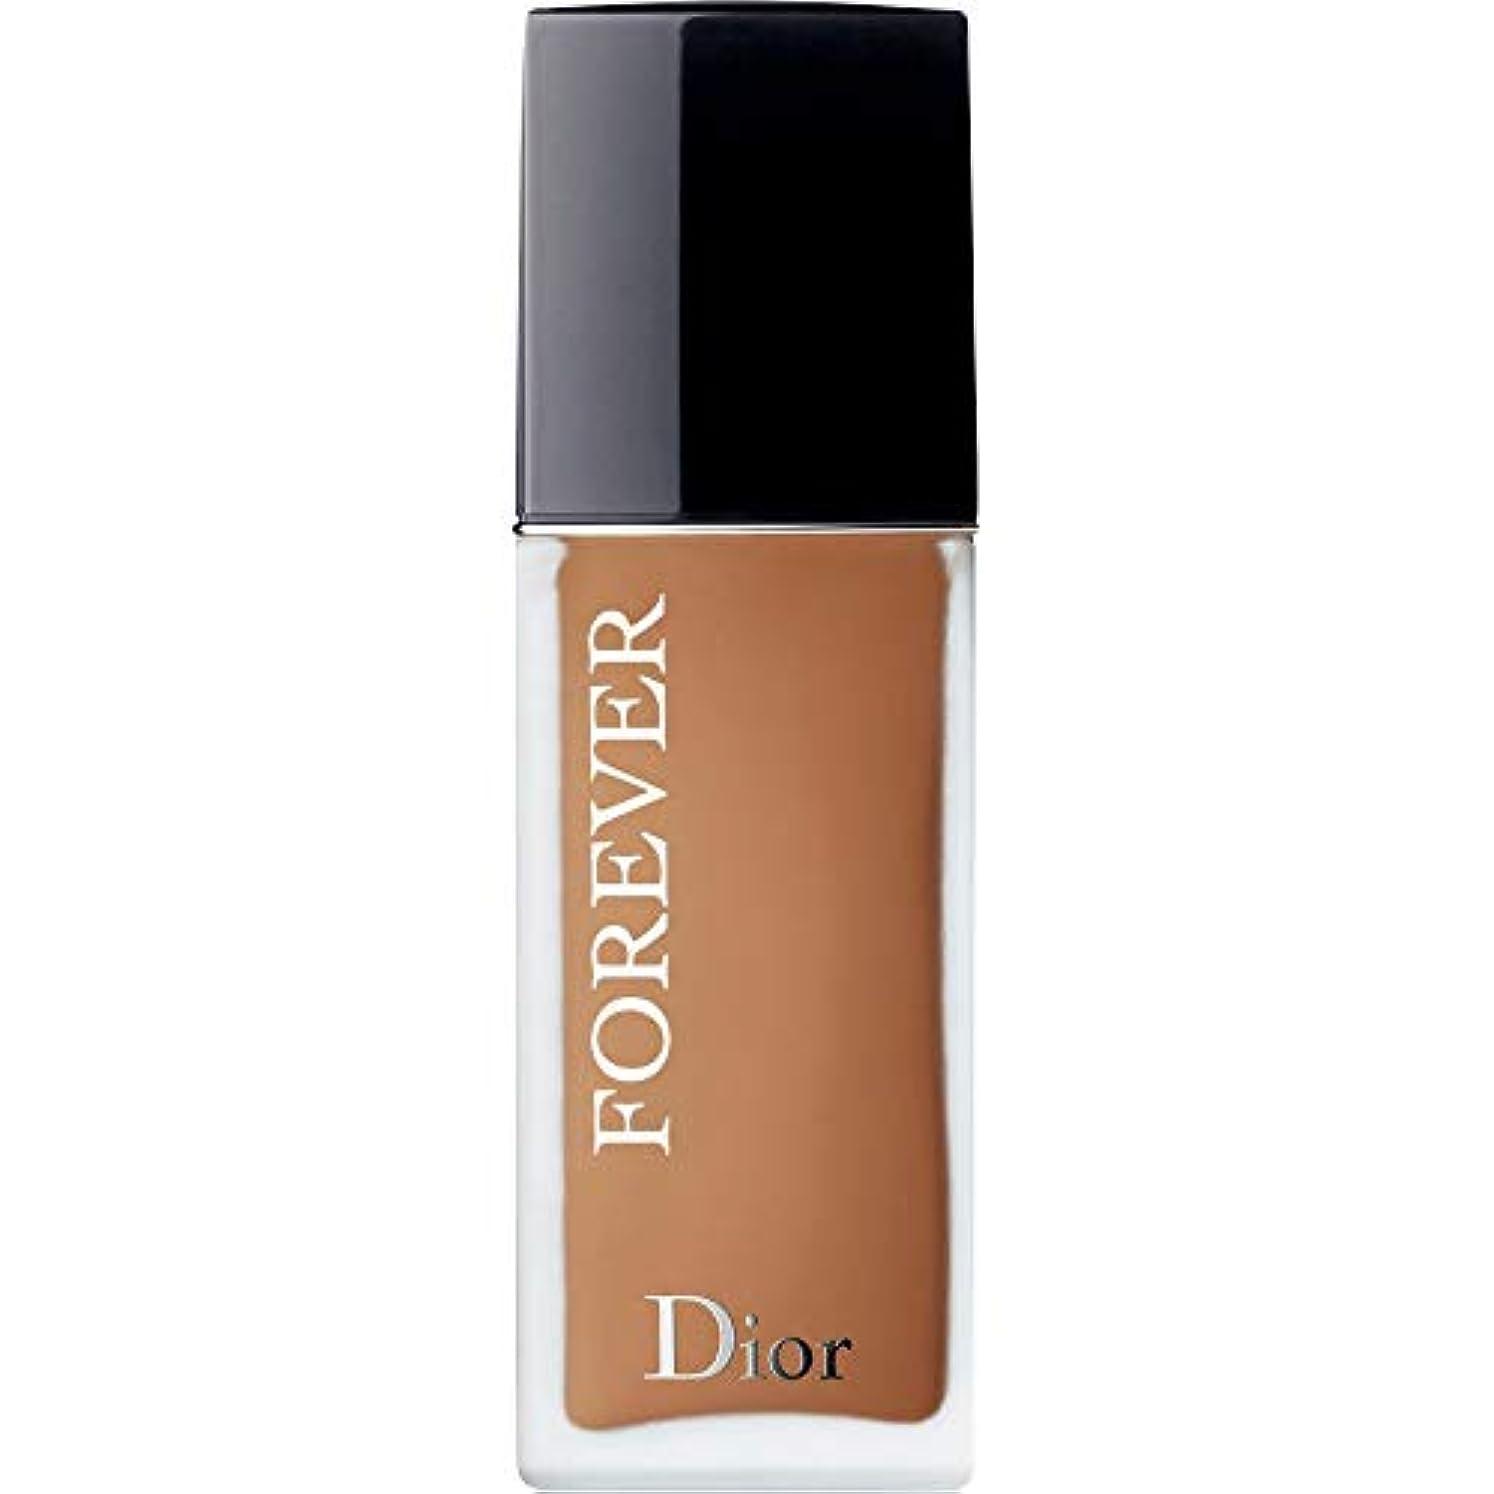 理容師ピンチ痴漢[Dior ] ディオール永遠皮膚思いやりの基盤Spf35 30ミリリットルの5ワット - 暖かい(つや消し) - DIOR Forever Skin-Caring Foundation SPF35 30ml 5W -...